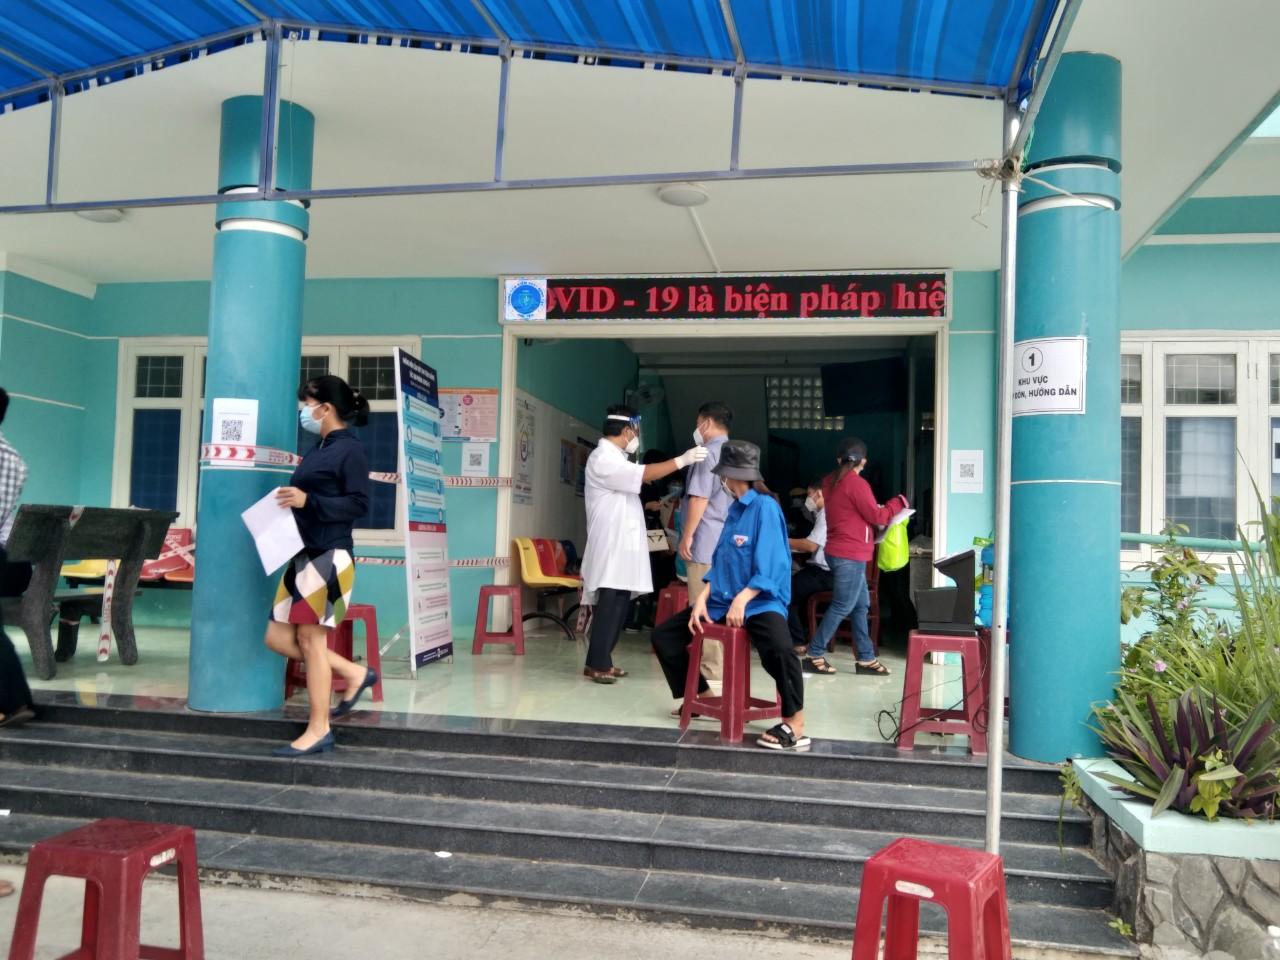 Phú Yên tiếp tục triển khai chiến dịch tiêm chủng vắc xin phòng COVID-19